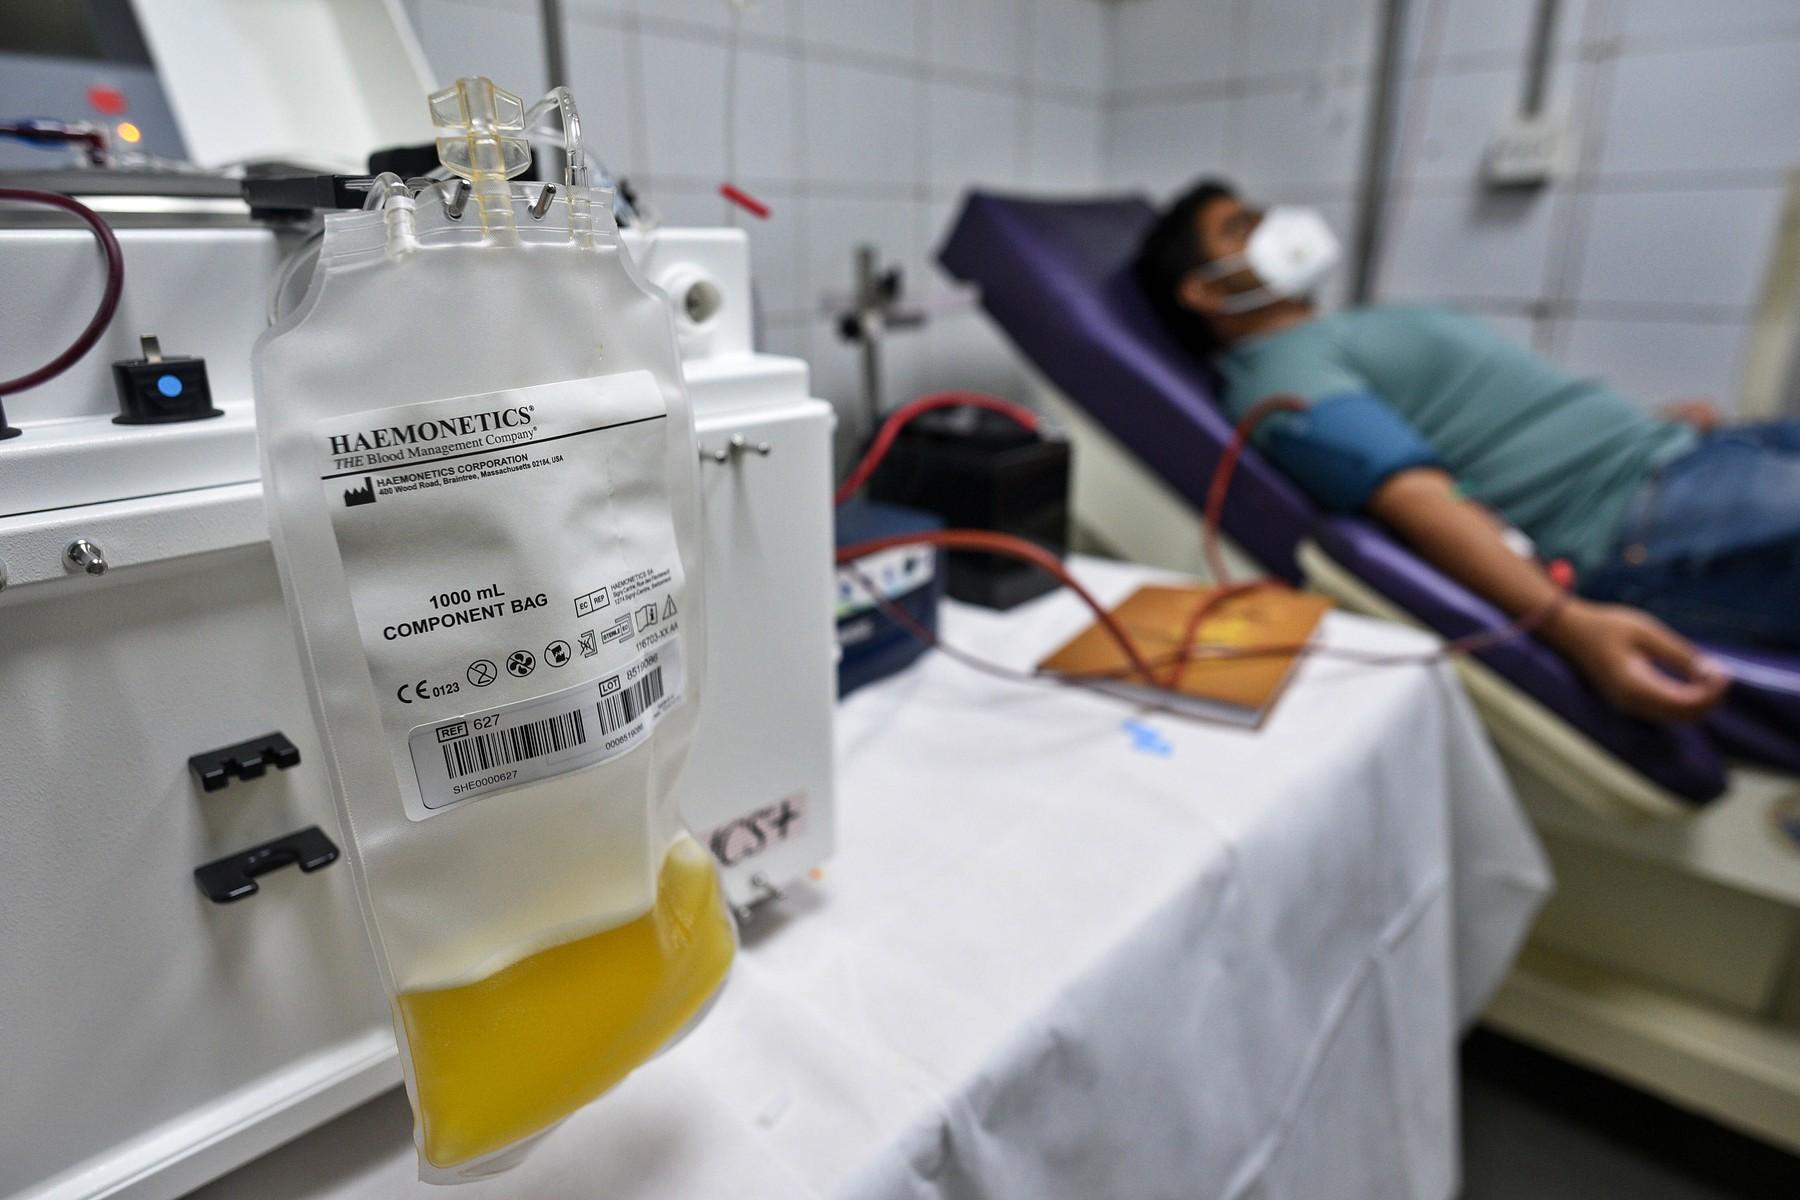 Statul schimbă regulile pentru pacienții vindecați de covid care vor să doneze plasmă